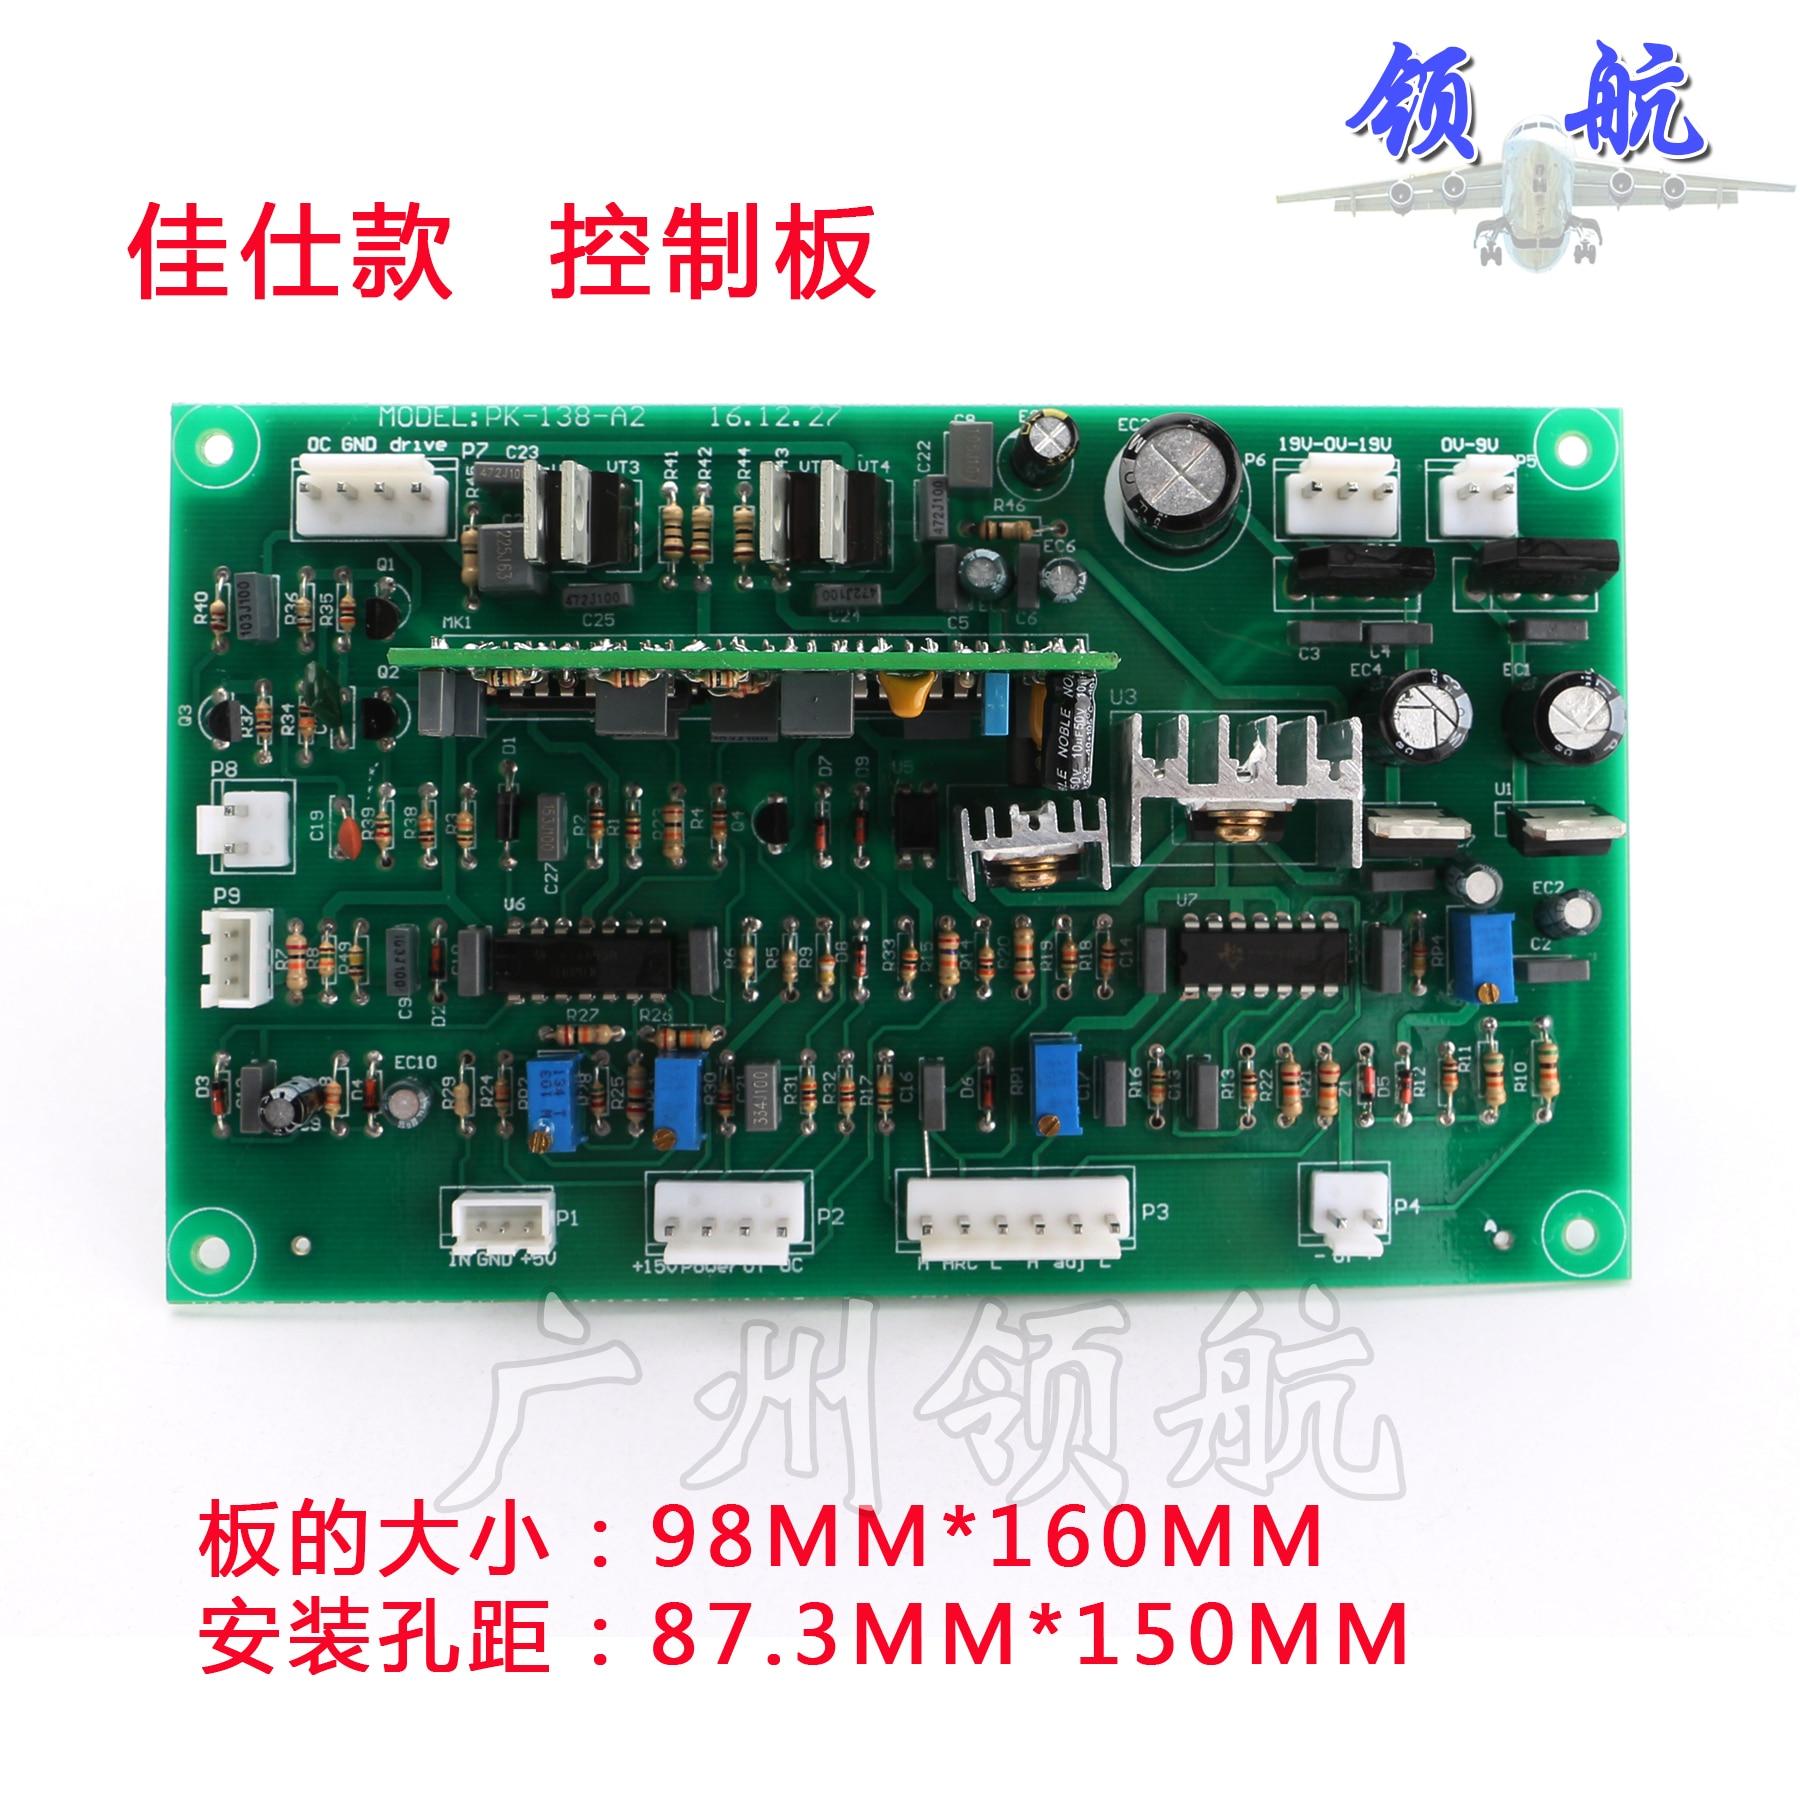 Reparo da Placa Principal da Placa de Circuito de ARC/ZX7-250/315/400/500 Três-fase Elétrica inversor DC Máquina de Solda